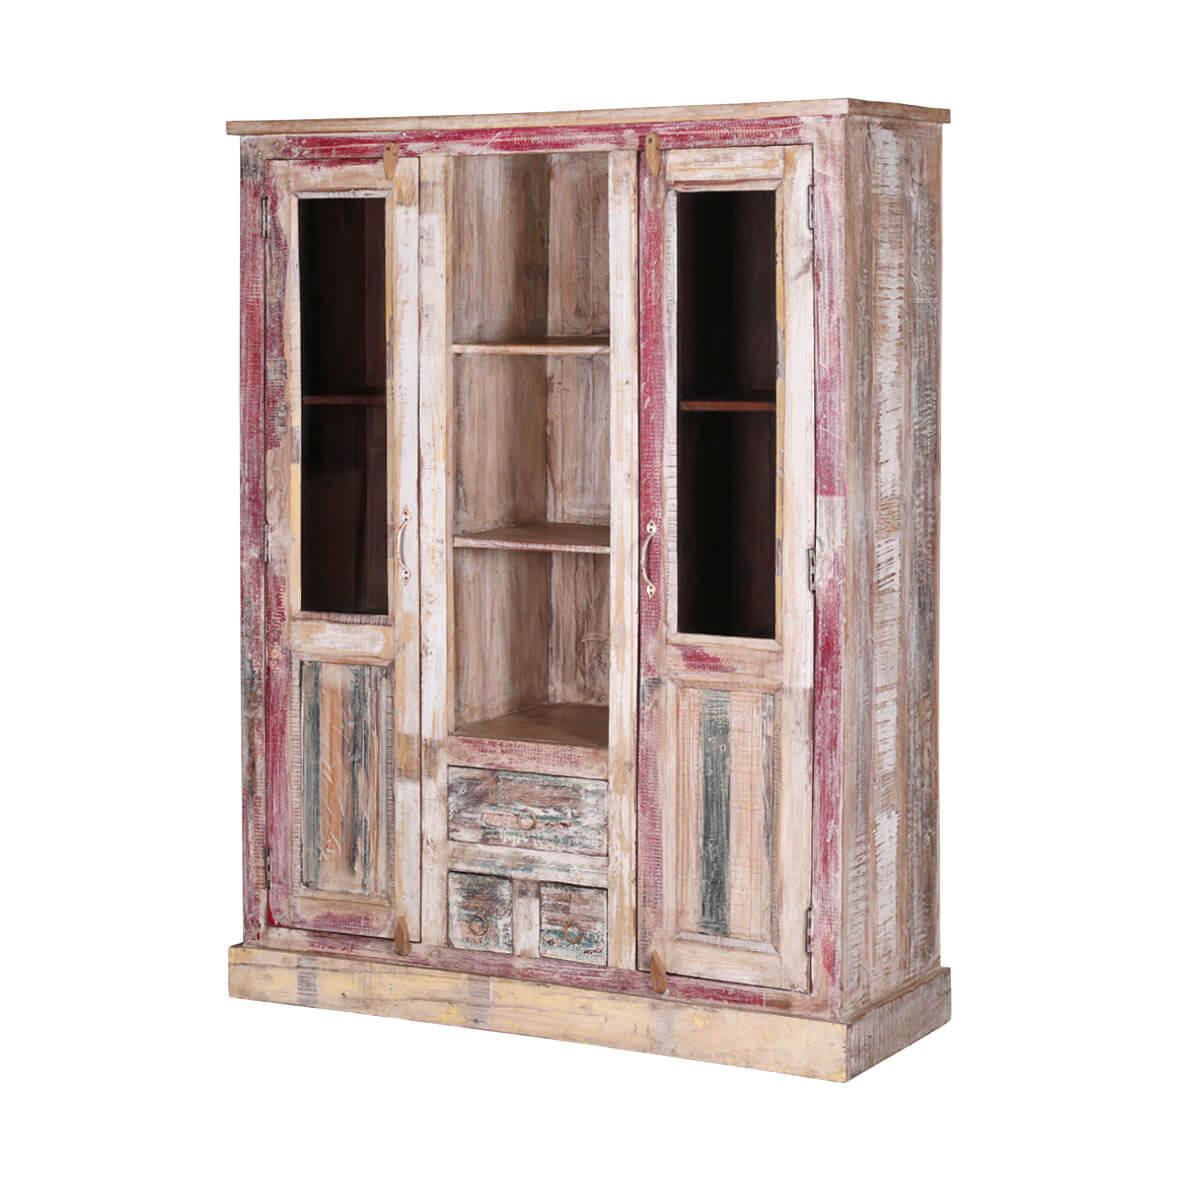 Blue Ridge Reclaimed Wood 2 Door Rustic Display Cabinet